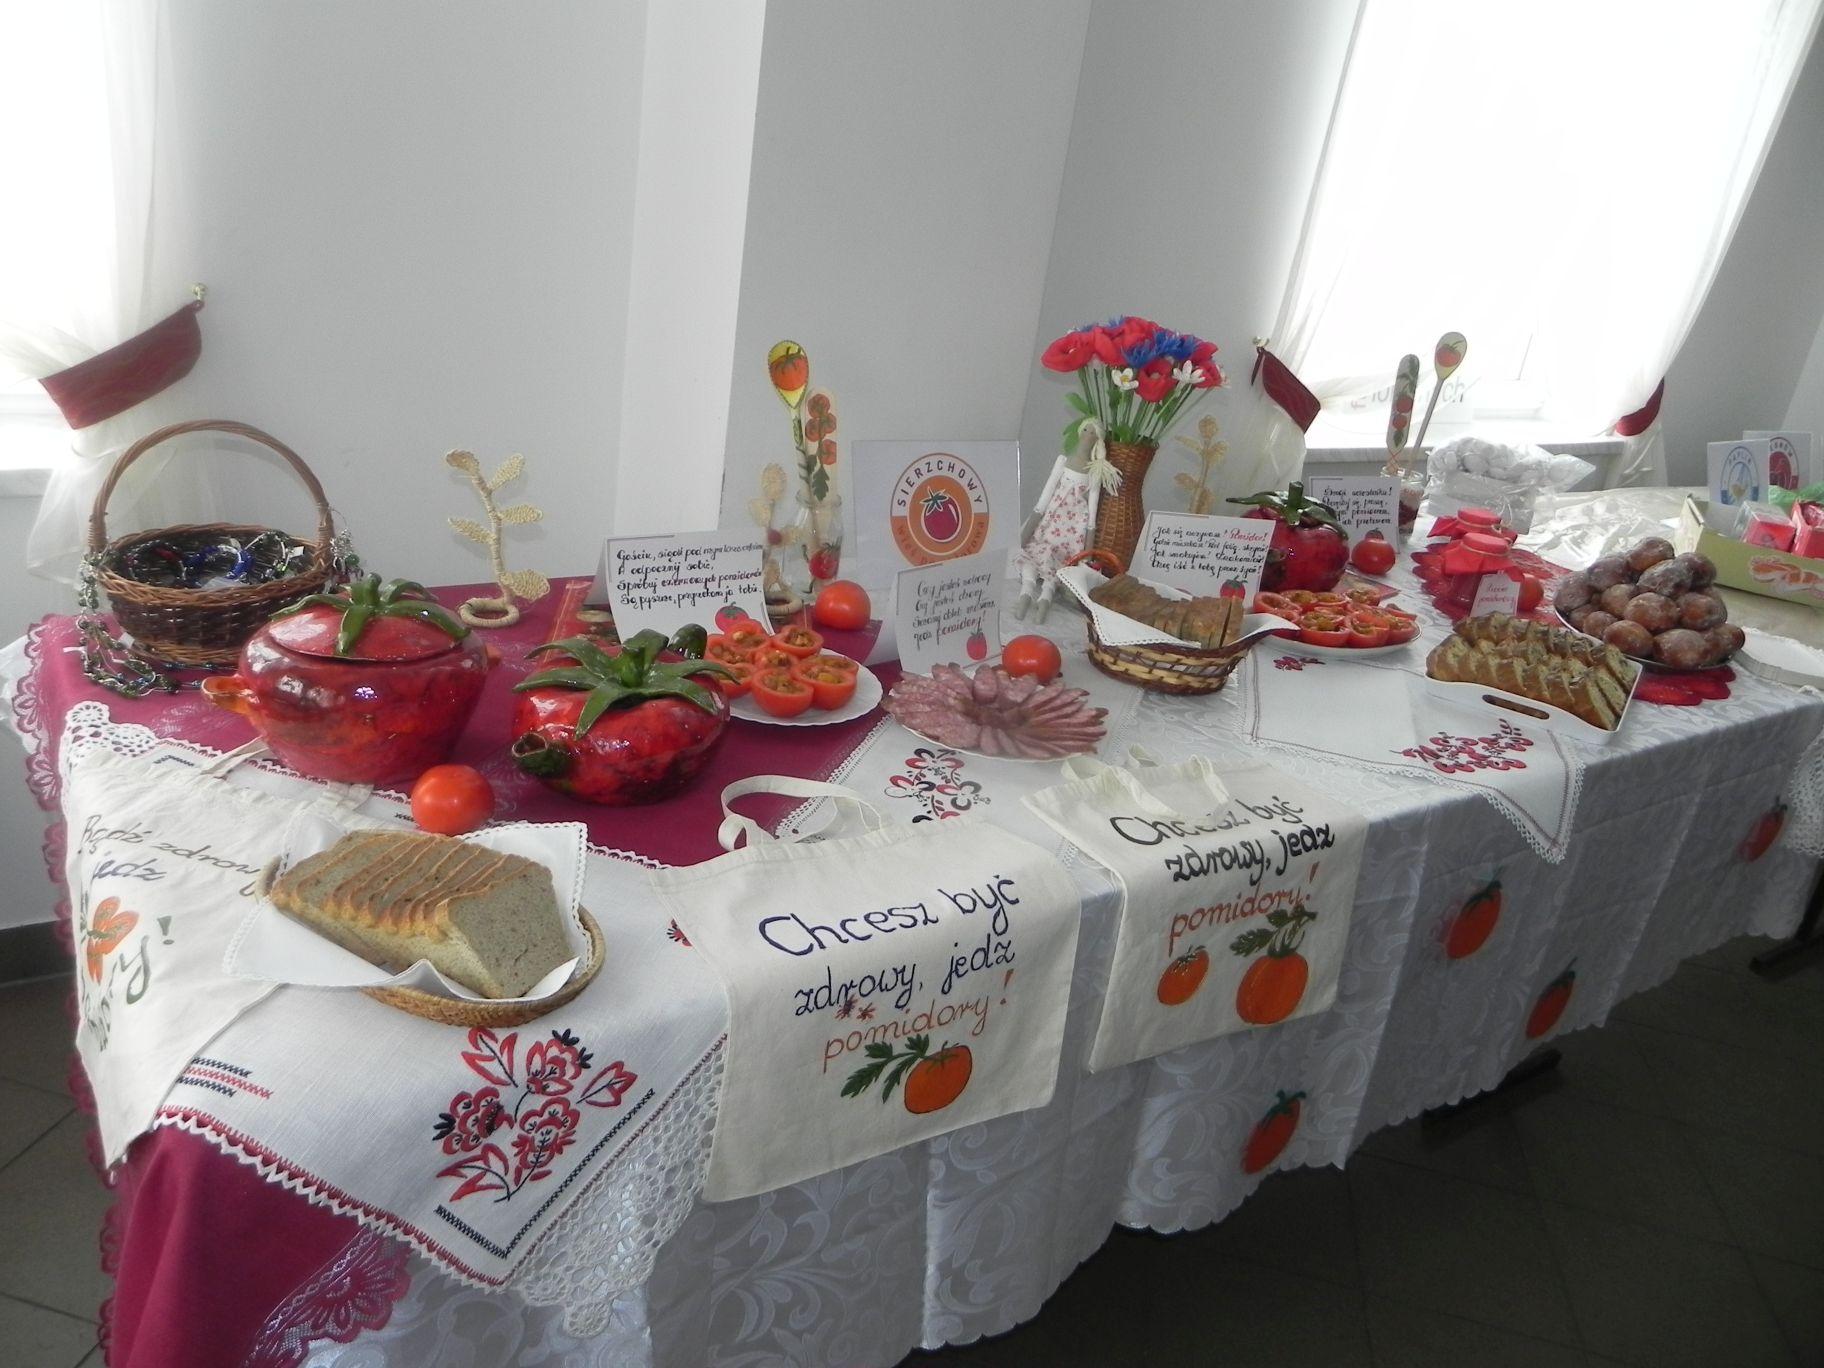 2012-12-14 Wilkowice - Konferencja Wioski tematyczne (5)